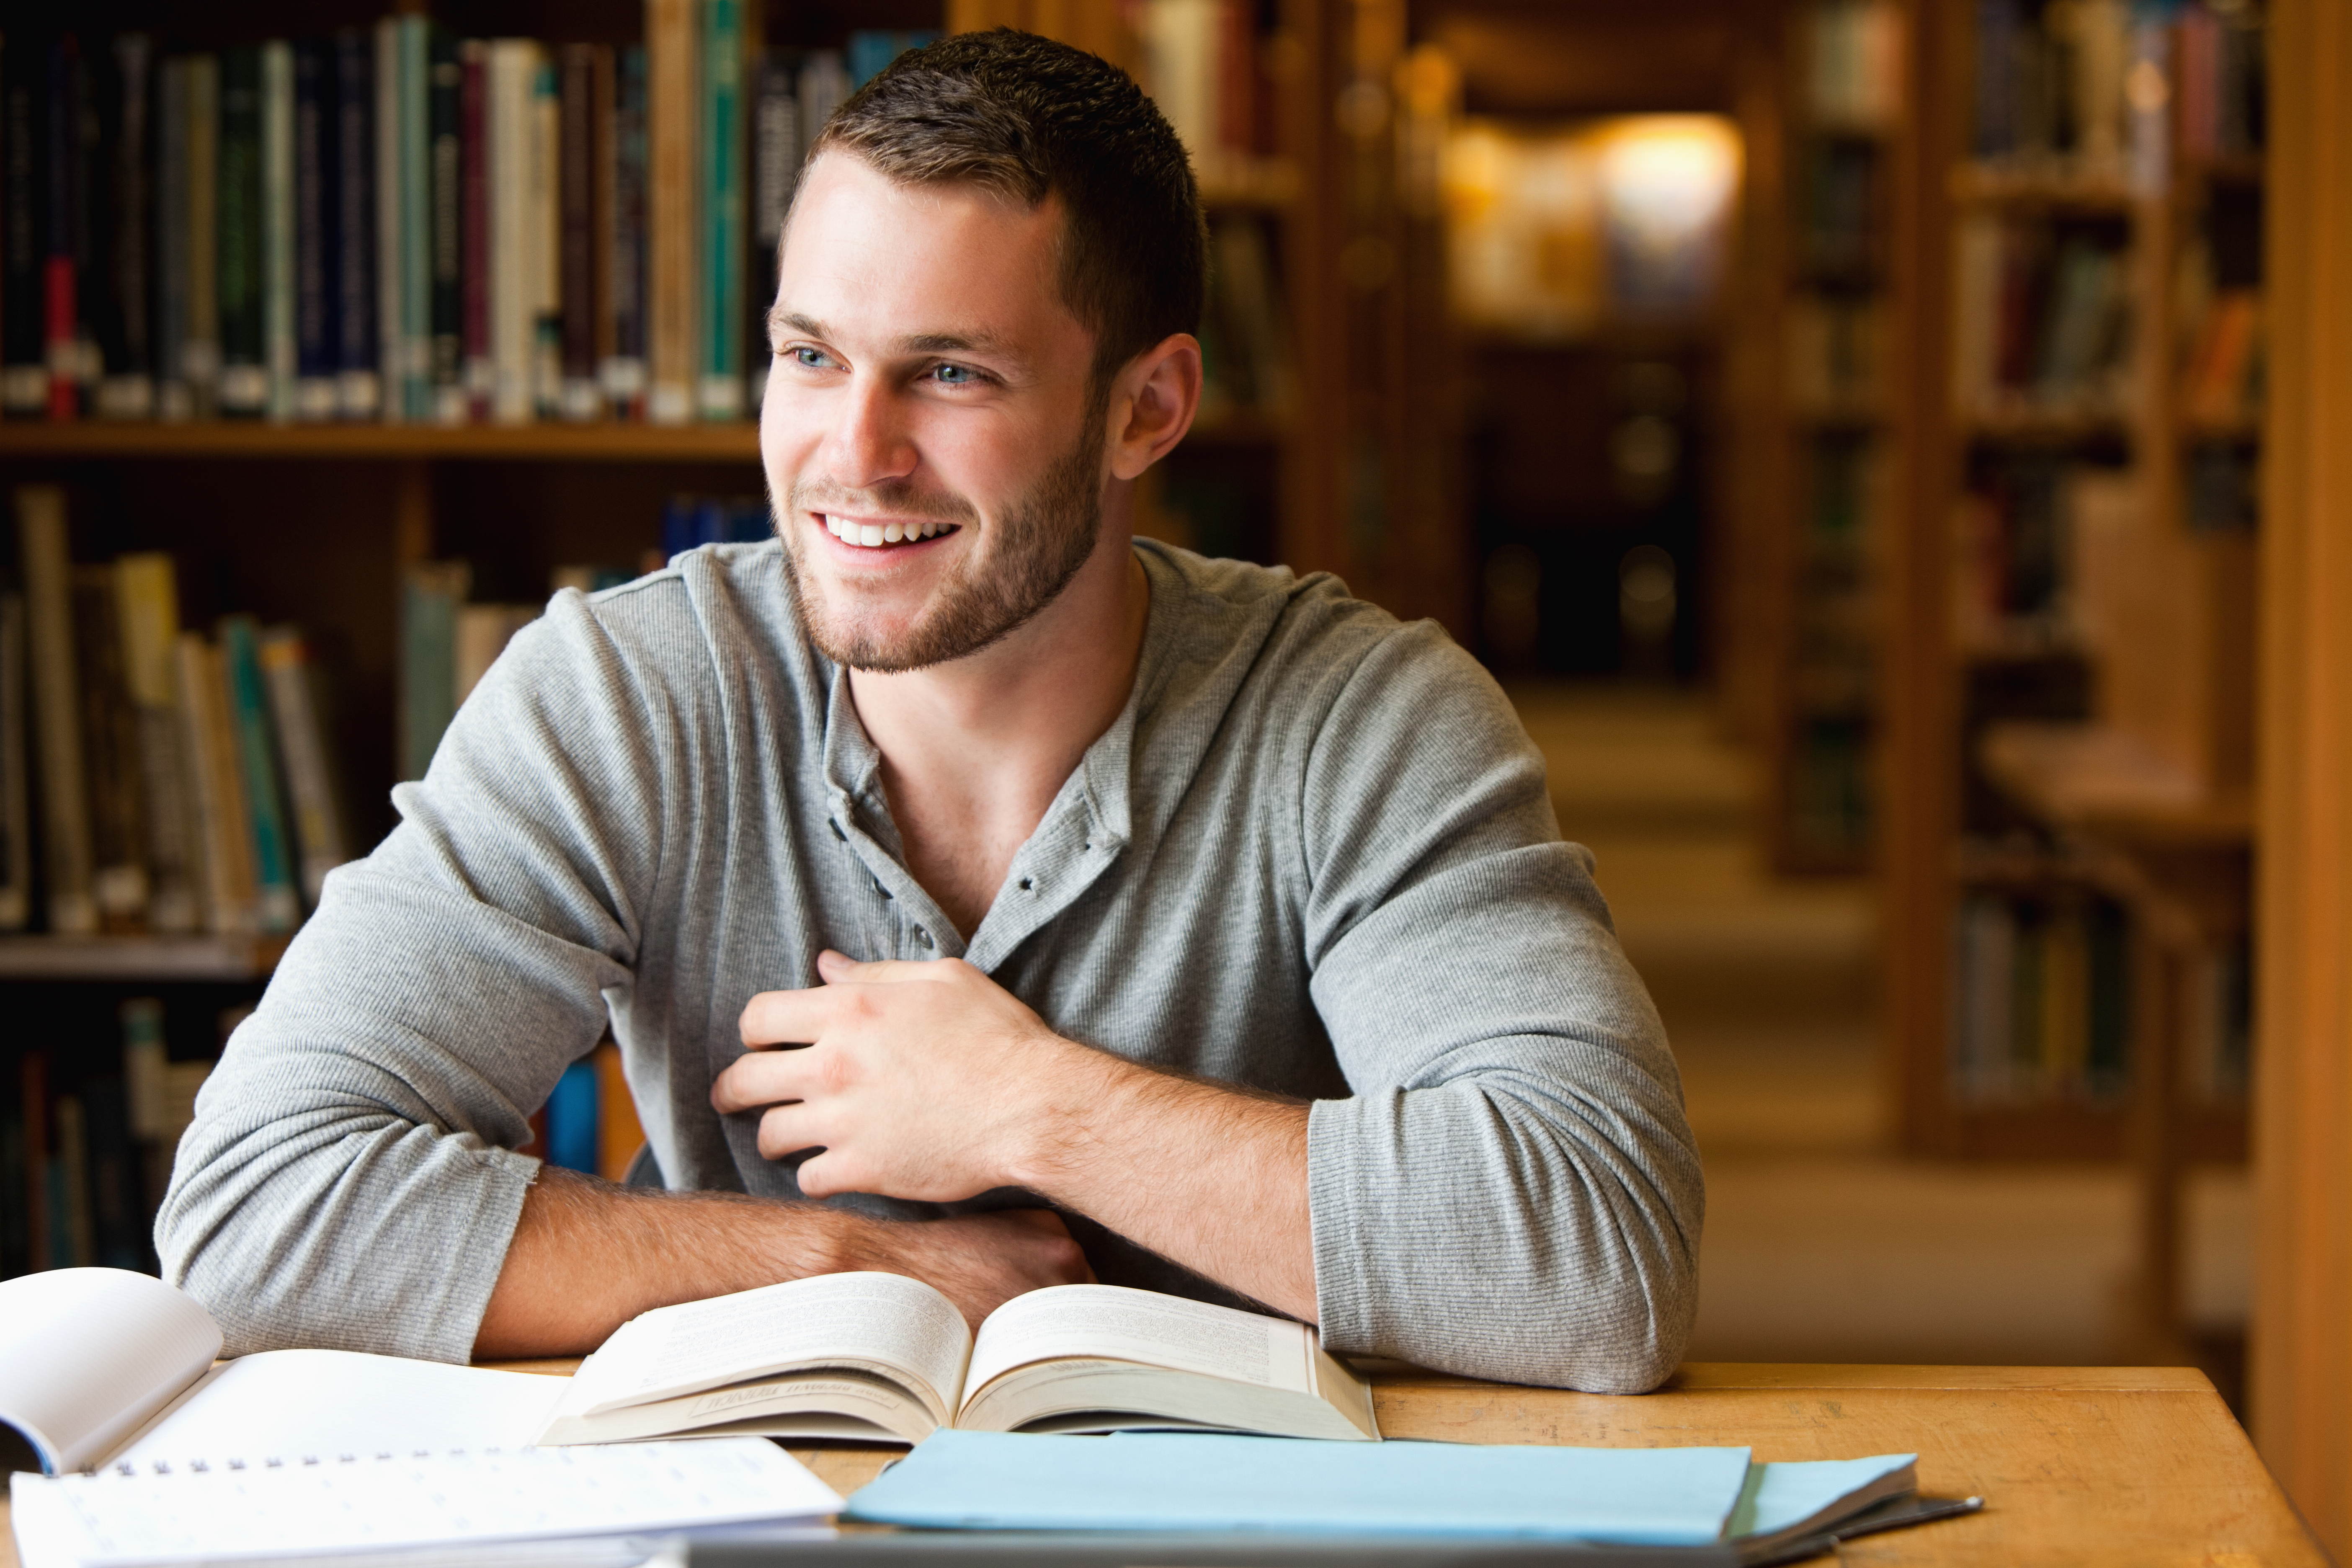 Volle Konzentration: 6 Tipps gegen Ablenkungen beim Lernen